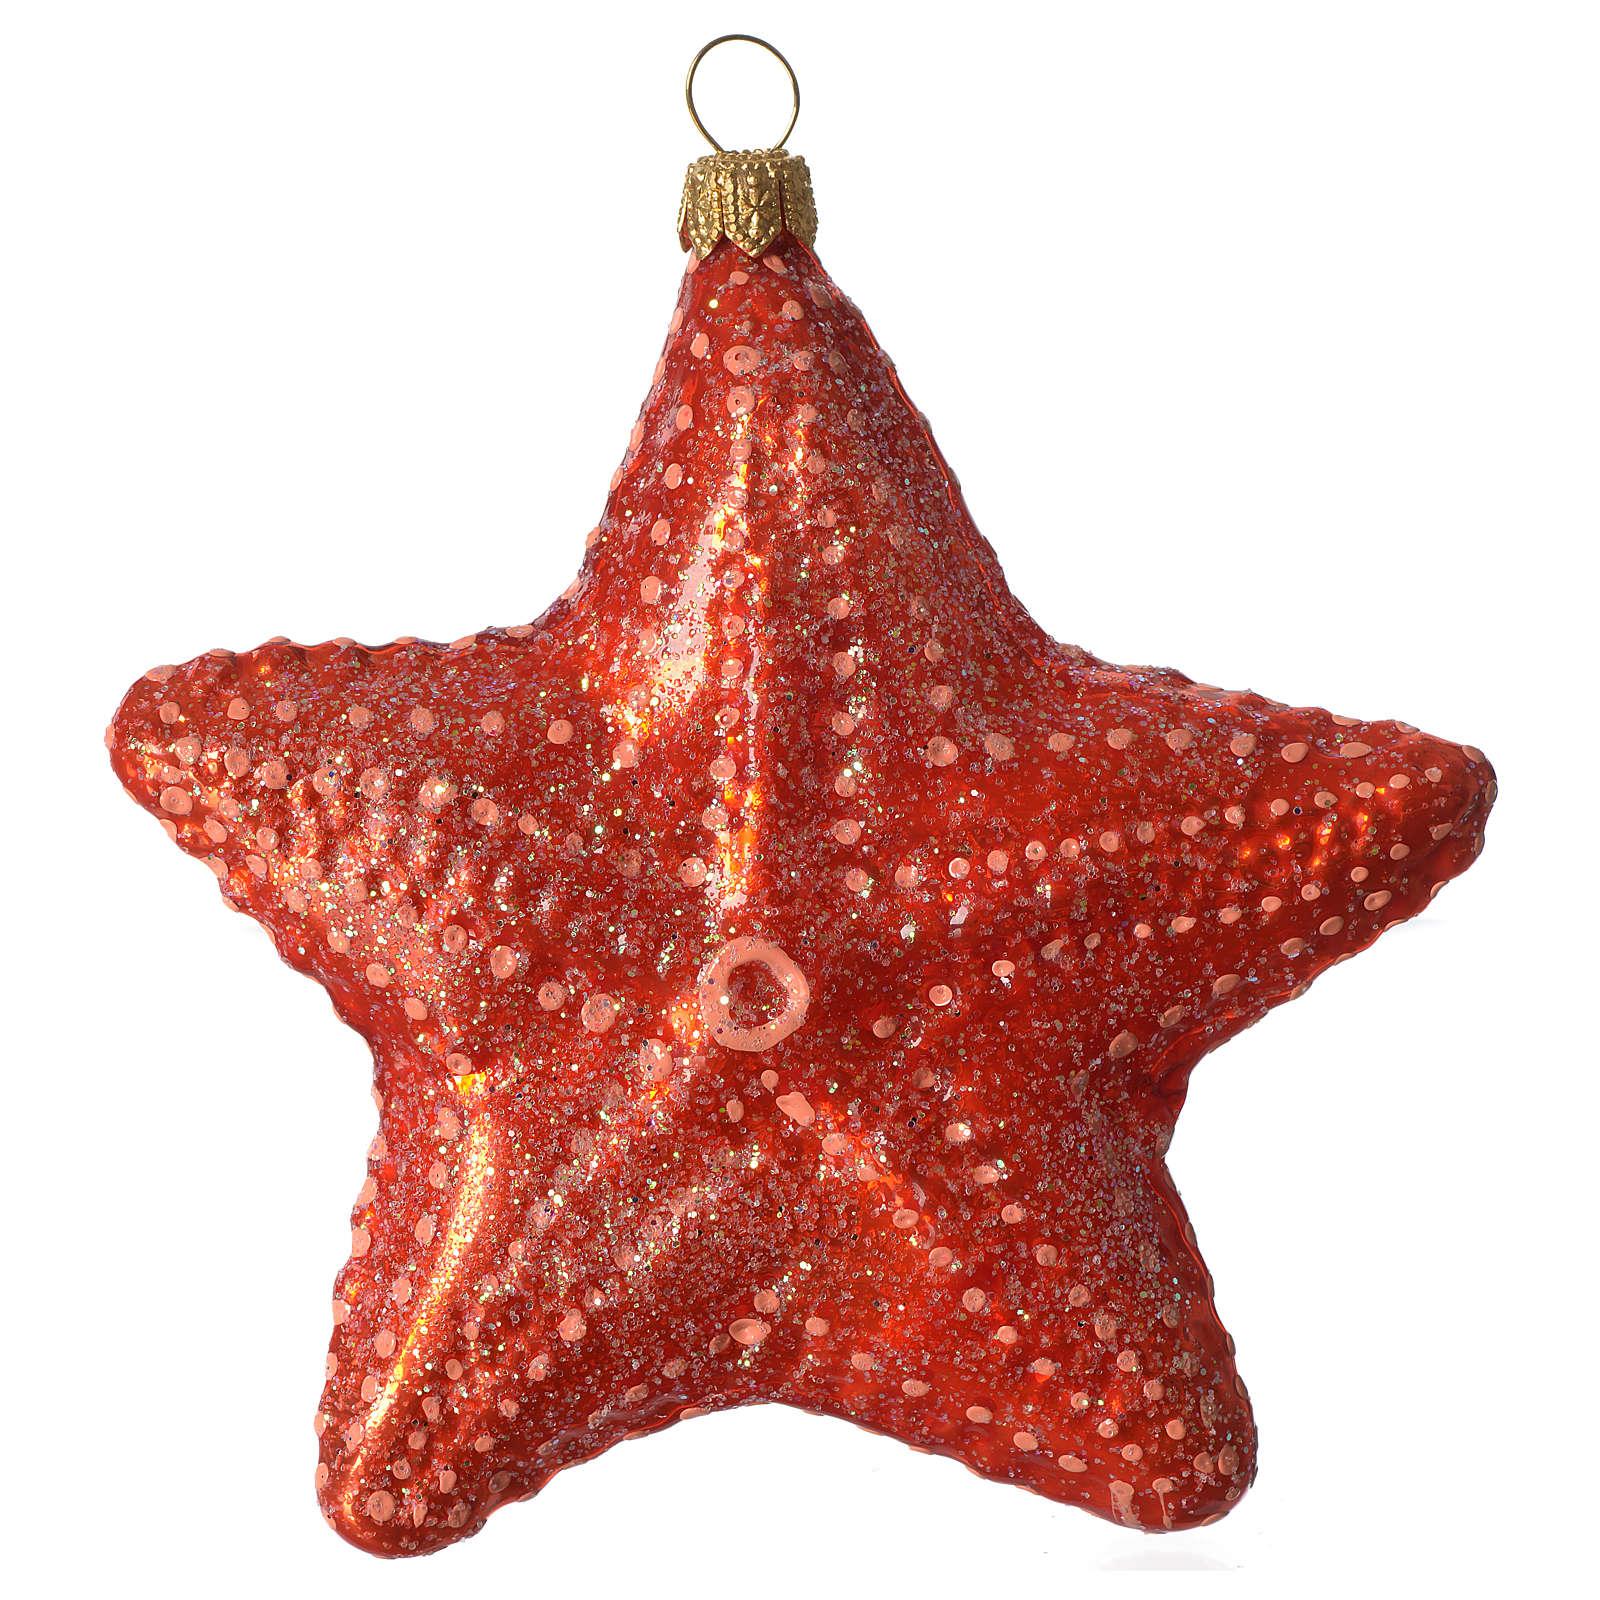 Estrella de mar adorno vidrio soplado Árbol Navidad 4